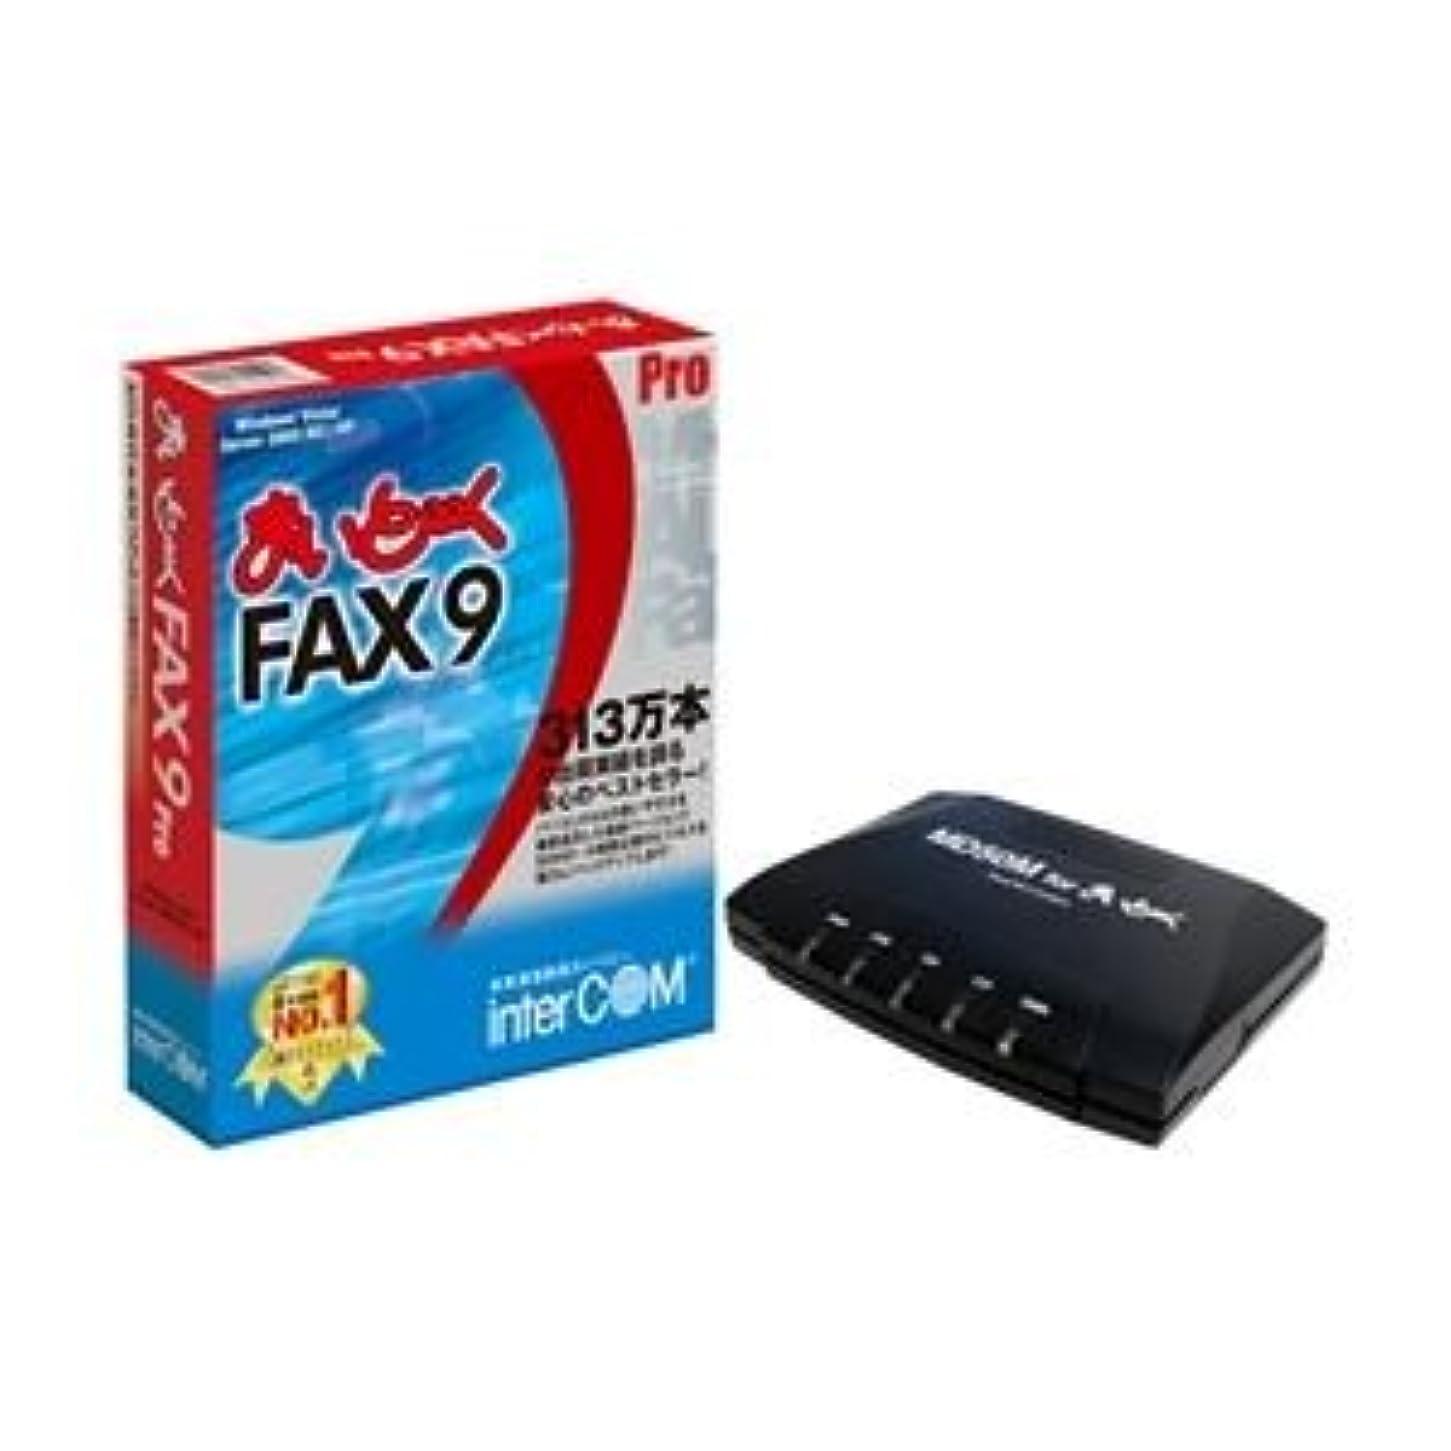 好きである医薬品残りまいと~く FAX 9 Pro モデムパック(シリアル接続)